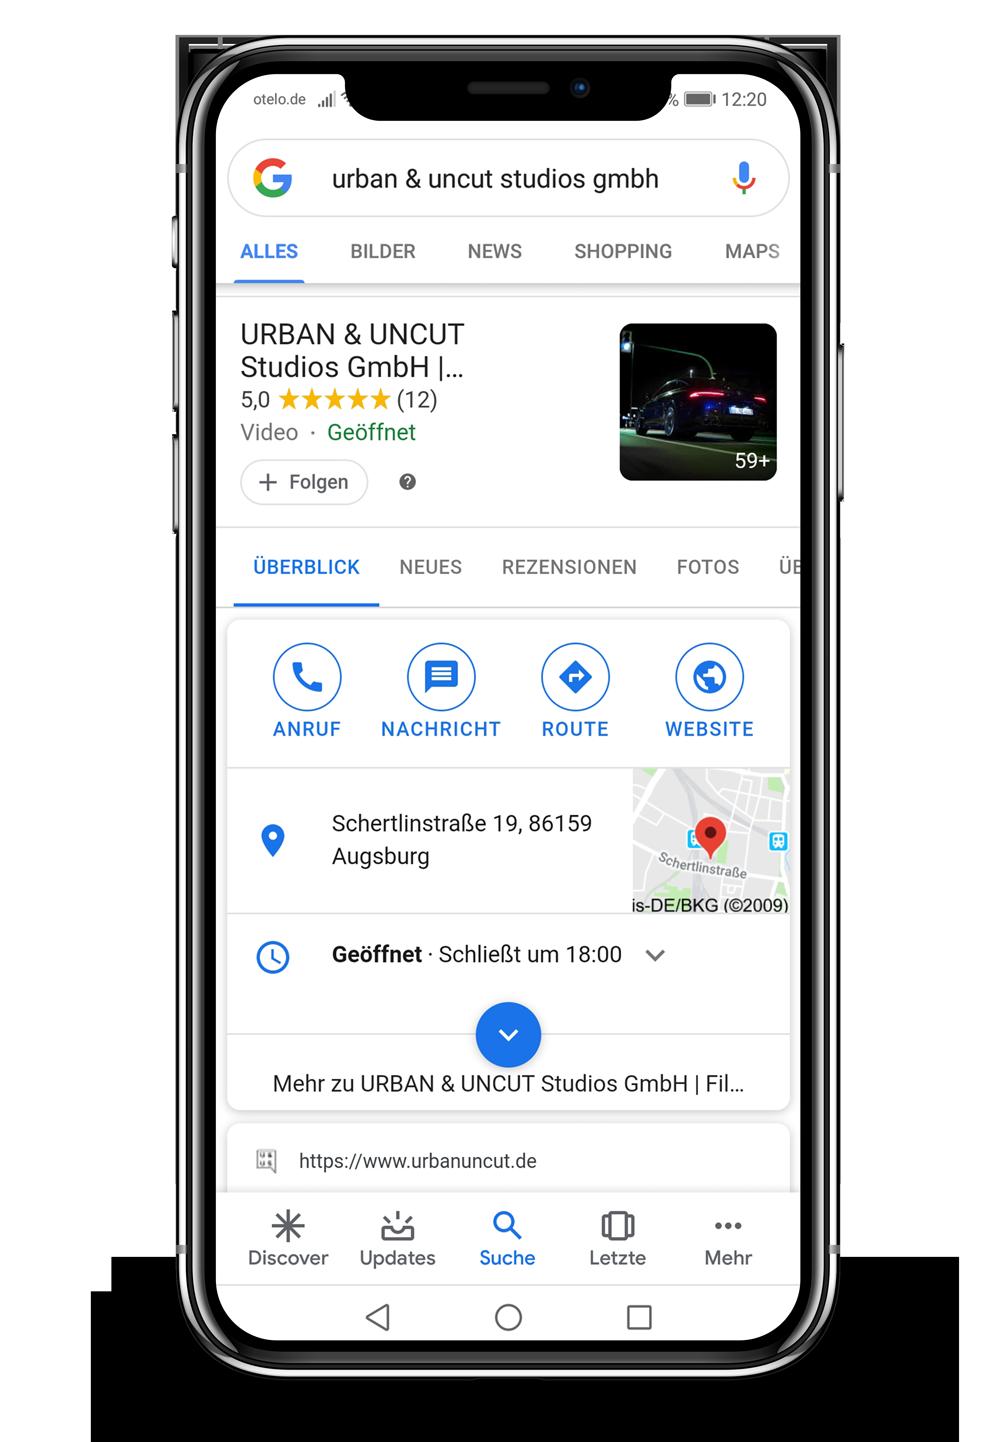 Bild zeigt ein mobiles Endgerät, auf welcher unsere Google Business Eintrag angezeigt wird